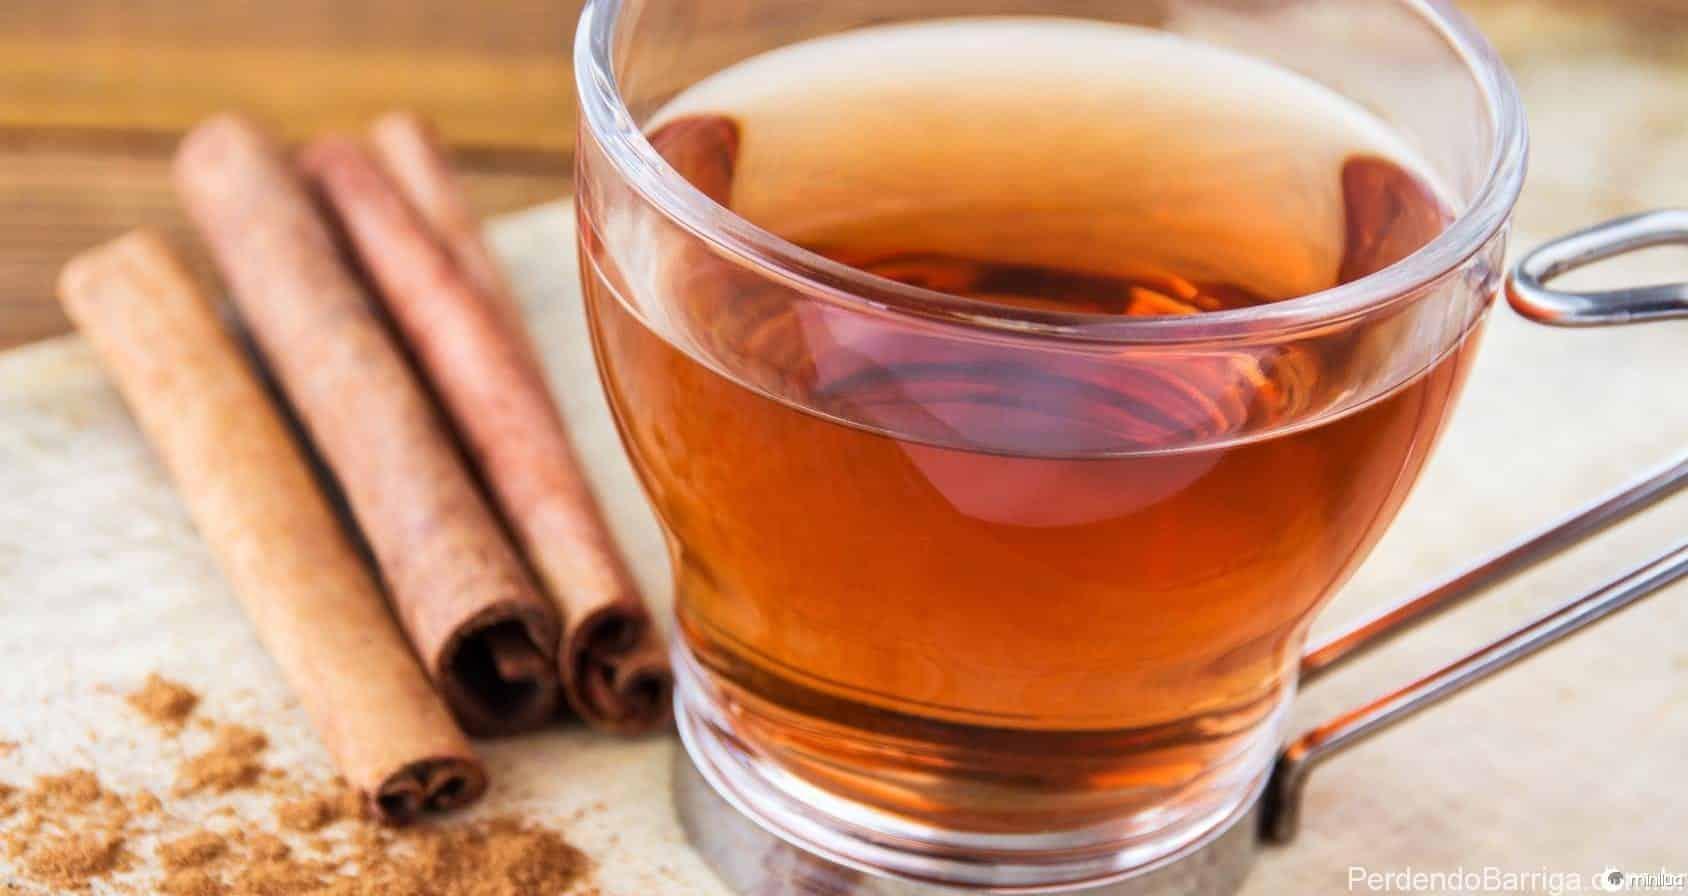 Chá de canela - Para que serve, propriedades e principais benefícios